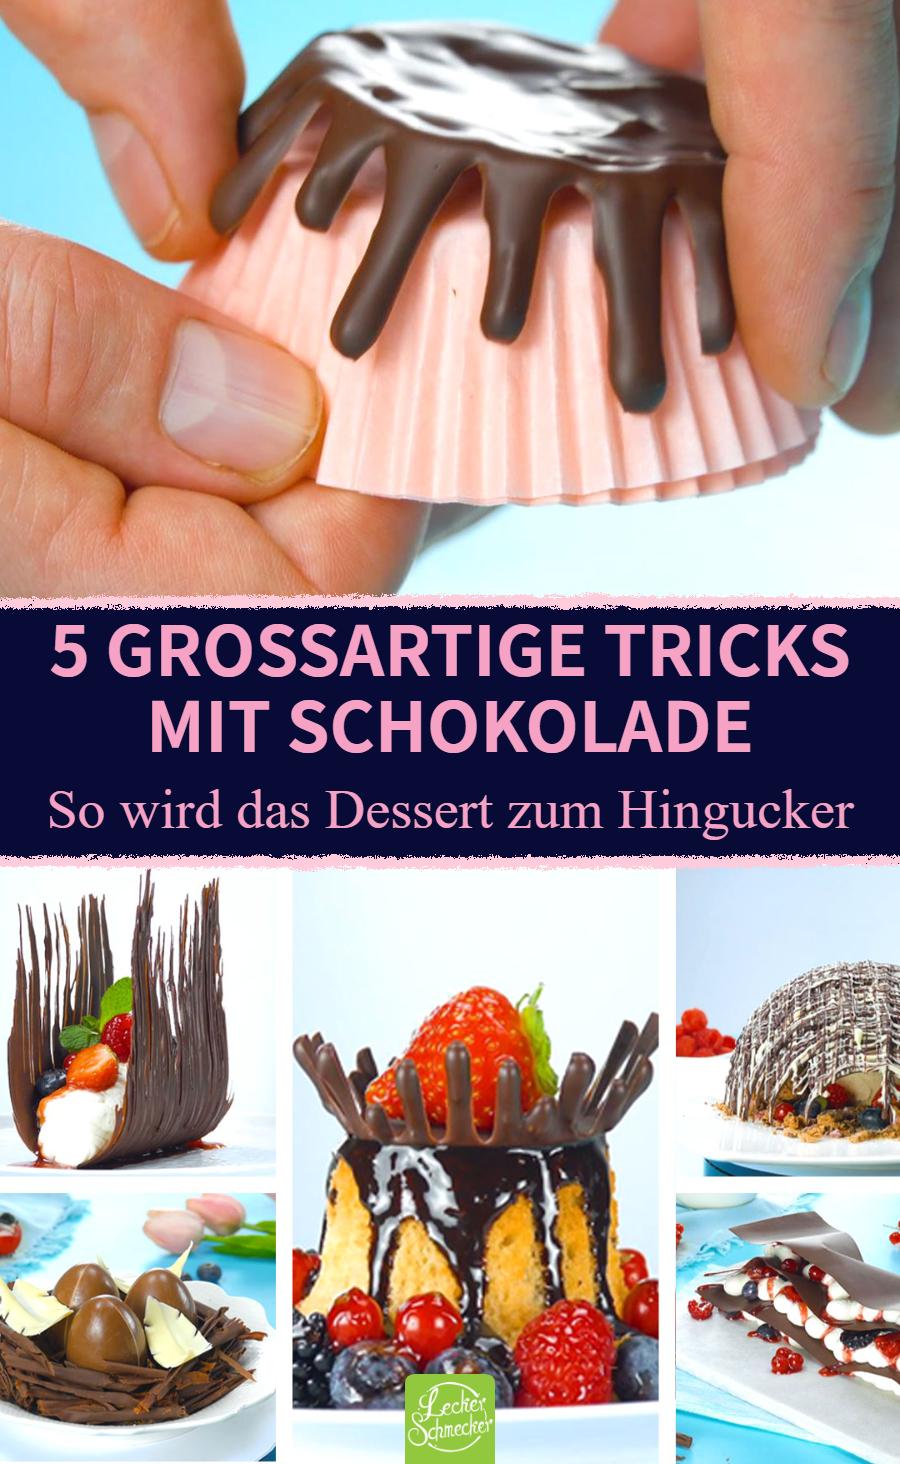 5 großartige Schokoladen-Tricks zum Anbeißen